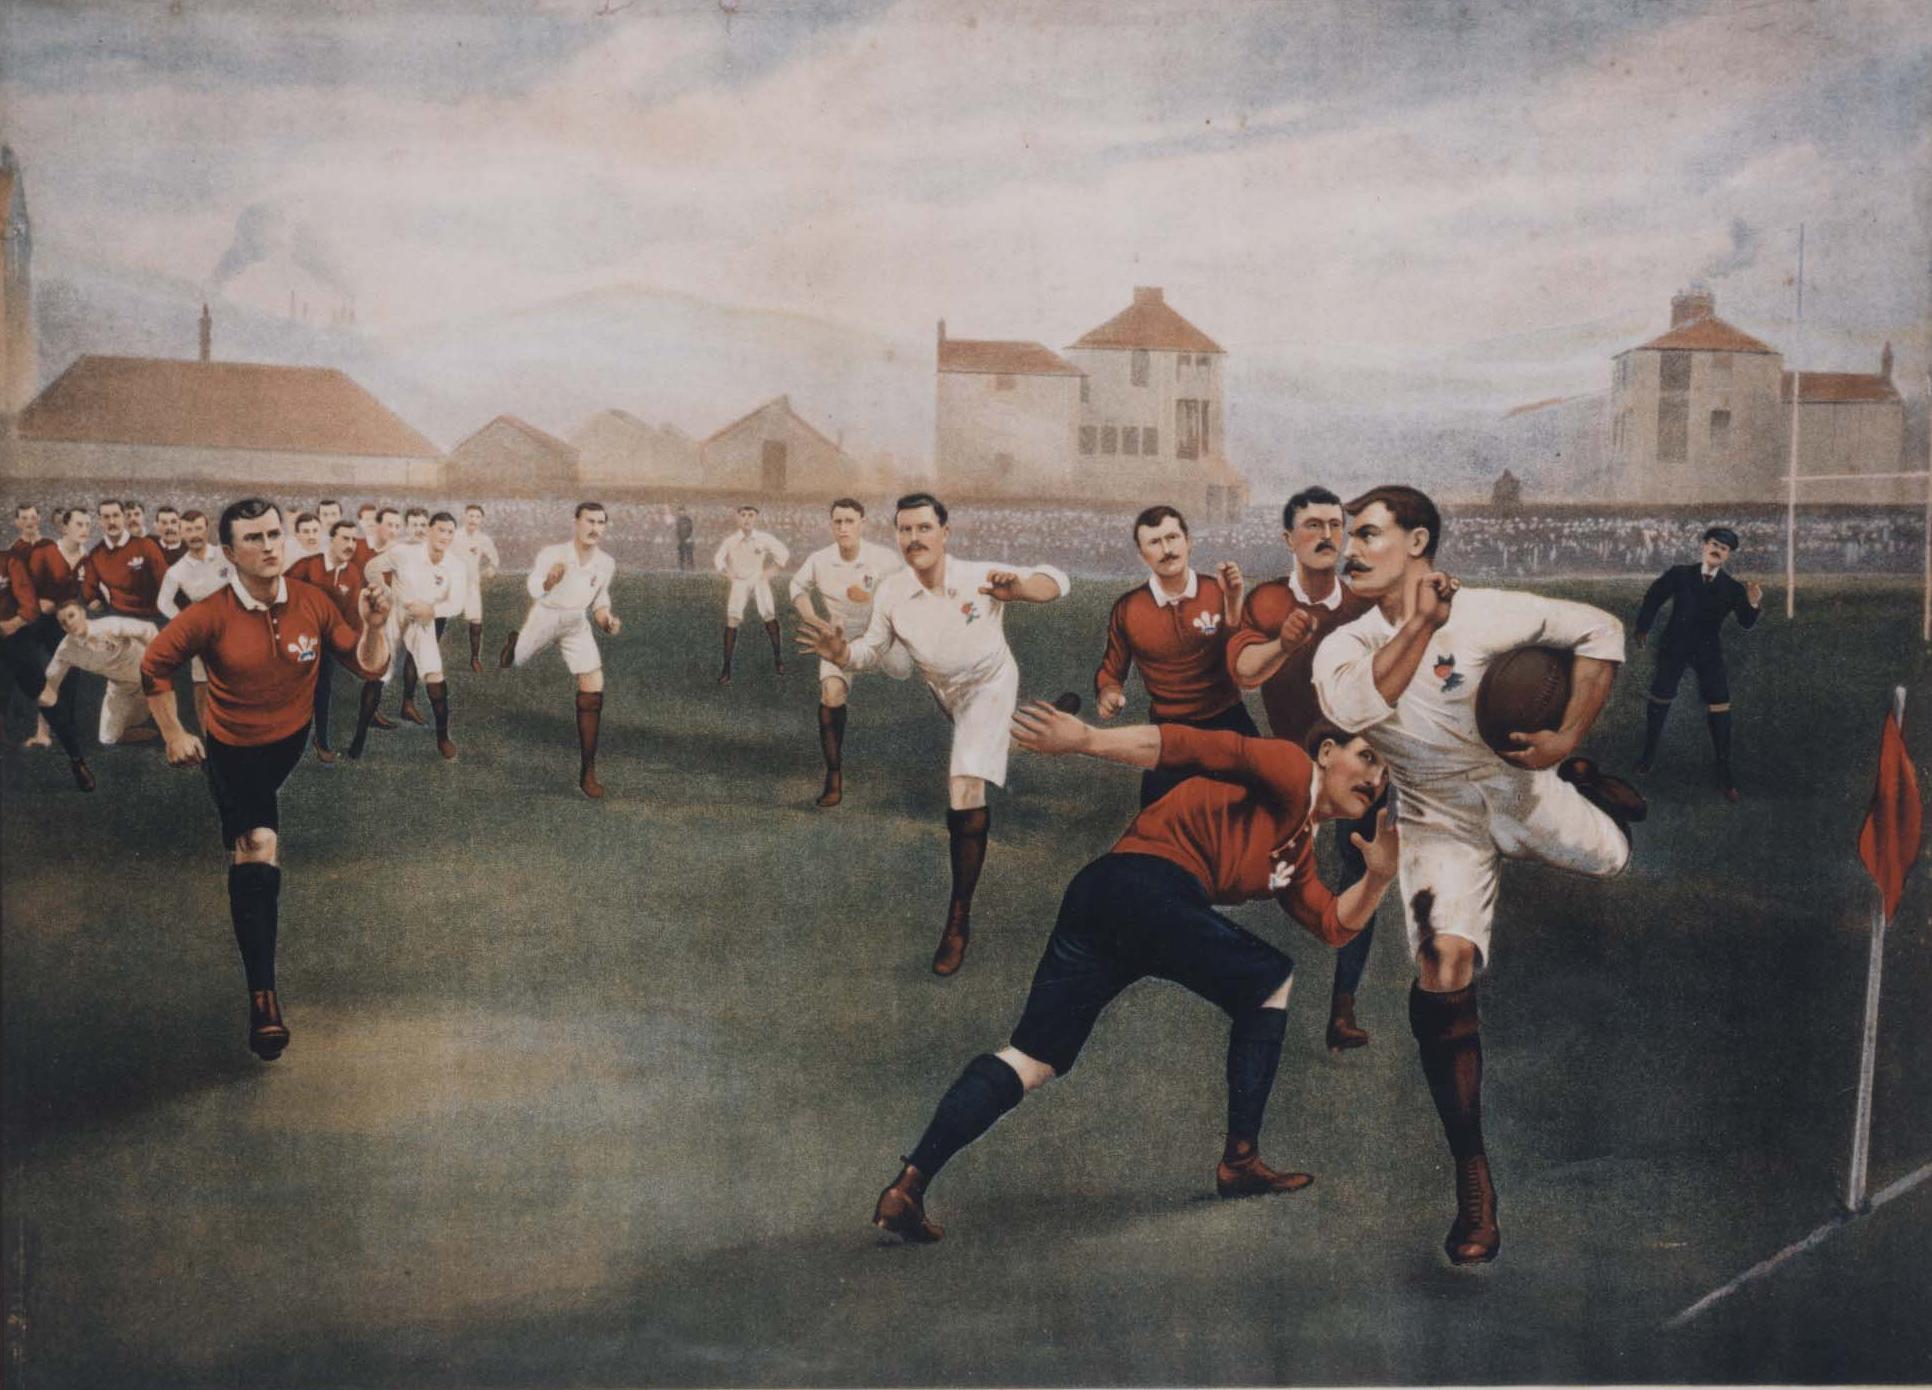 Wales v England 1895 2003-159